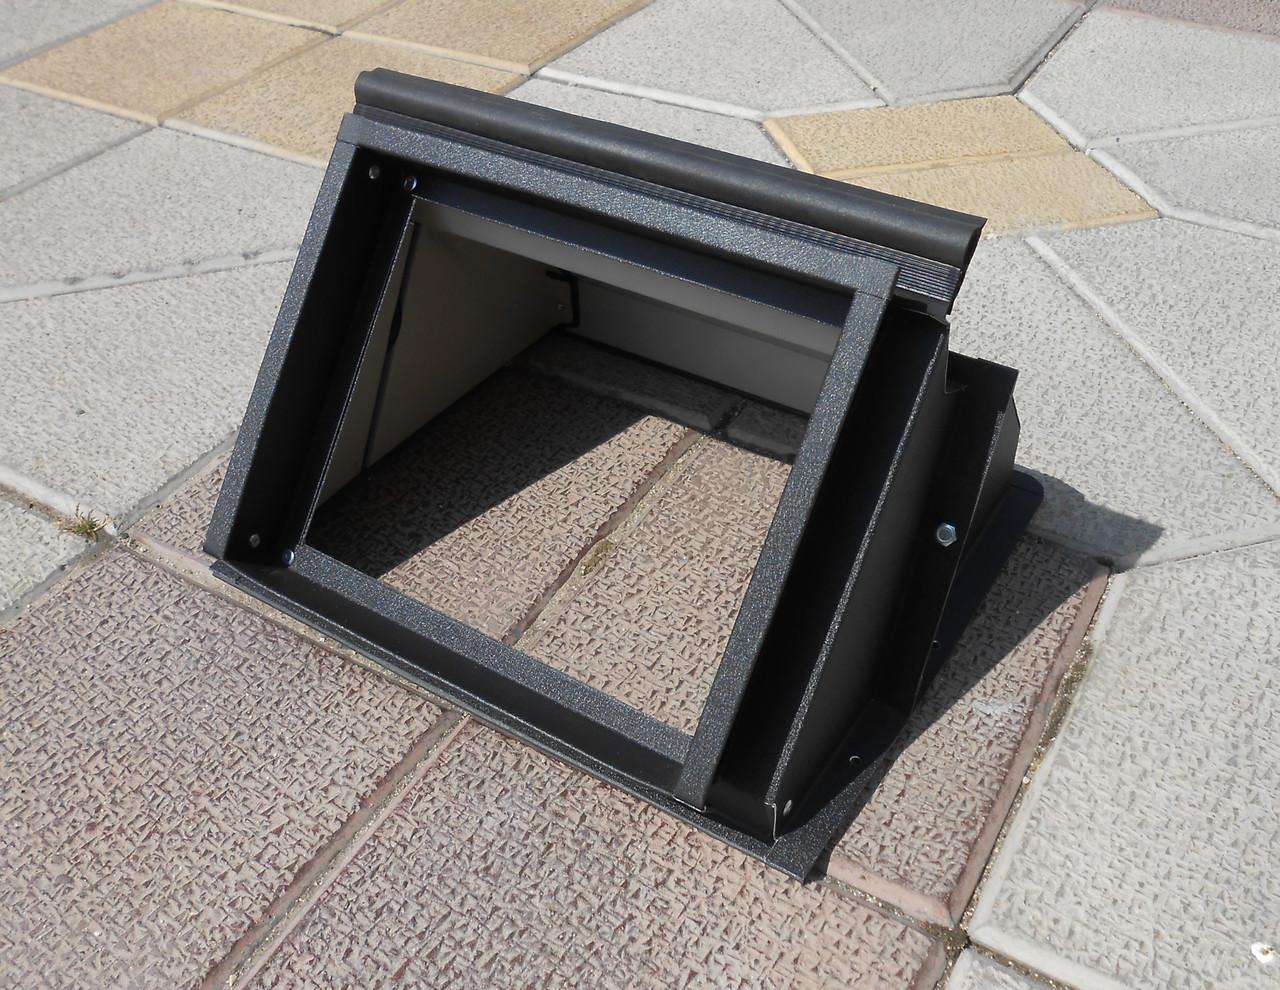 Адаптер салонного фильтра для Ваз 2108, 2109, 21099, 2113, 2114, 2115 с угольным фильтром Zollex